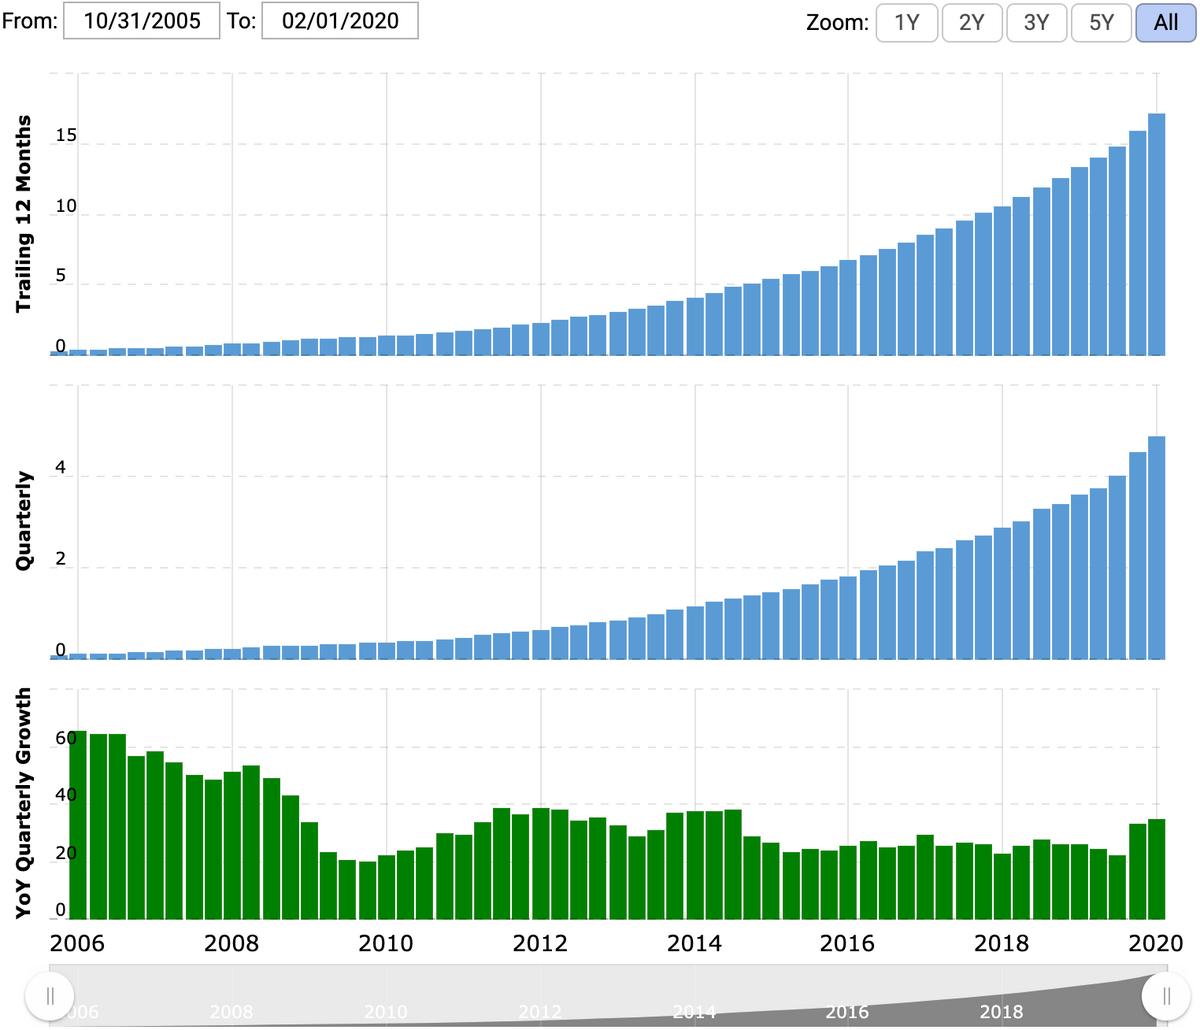 Выручка за последние 12 месяцев и квартальная выручка в миллиардах долларов, рост за квартал по сравнению с аналогичным периодом прошлого года. Источник: Macrotrends